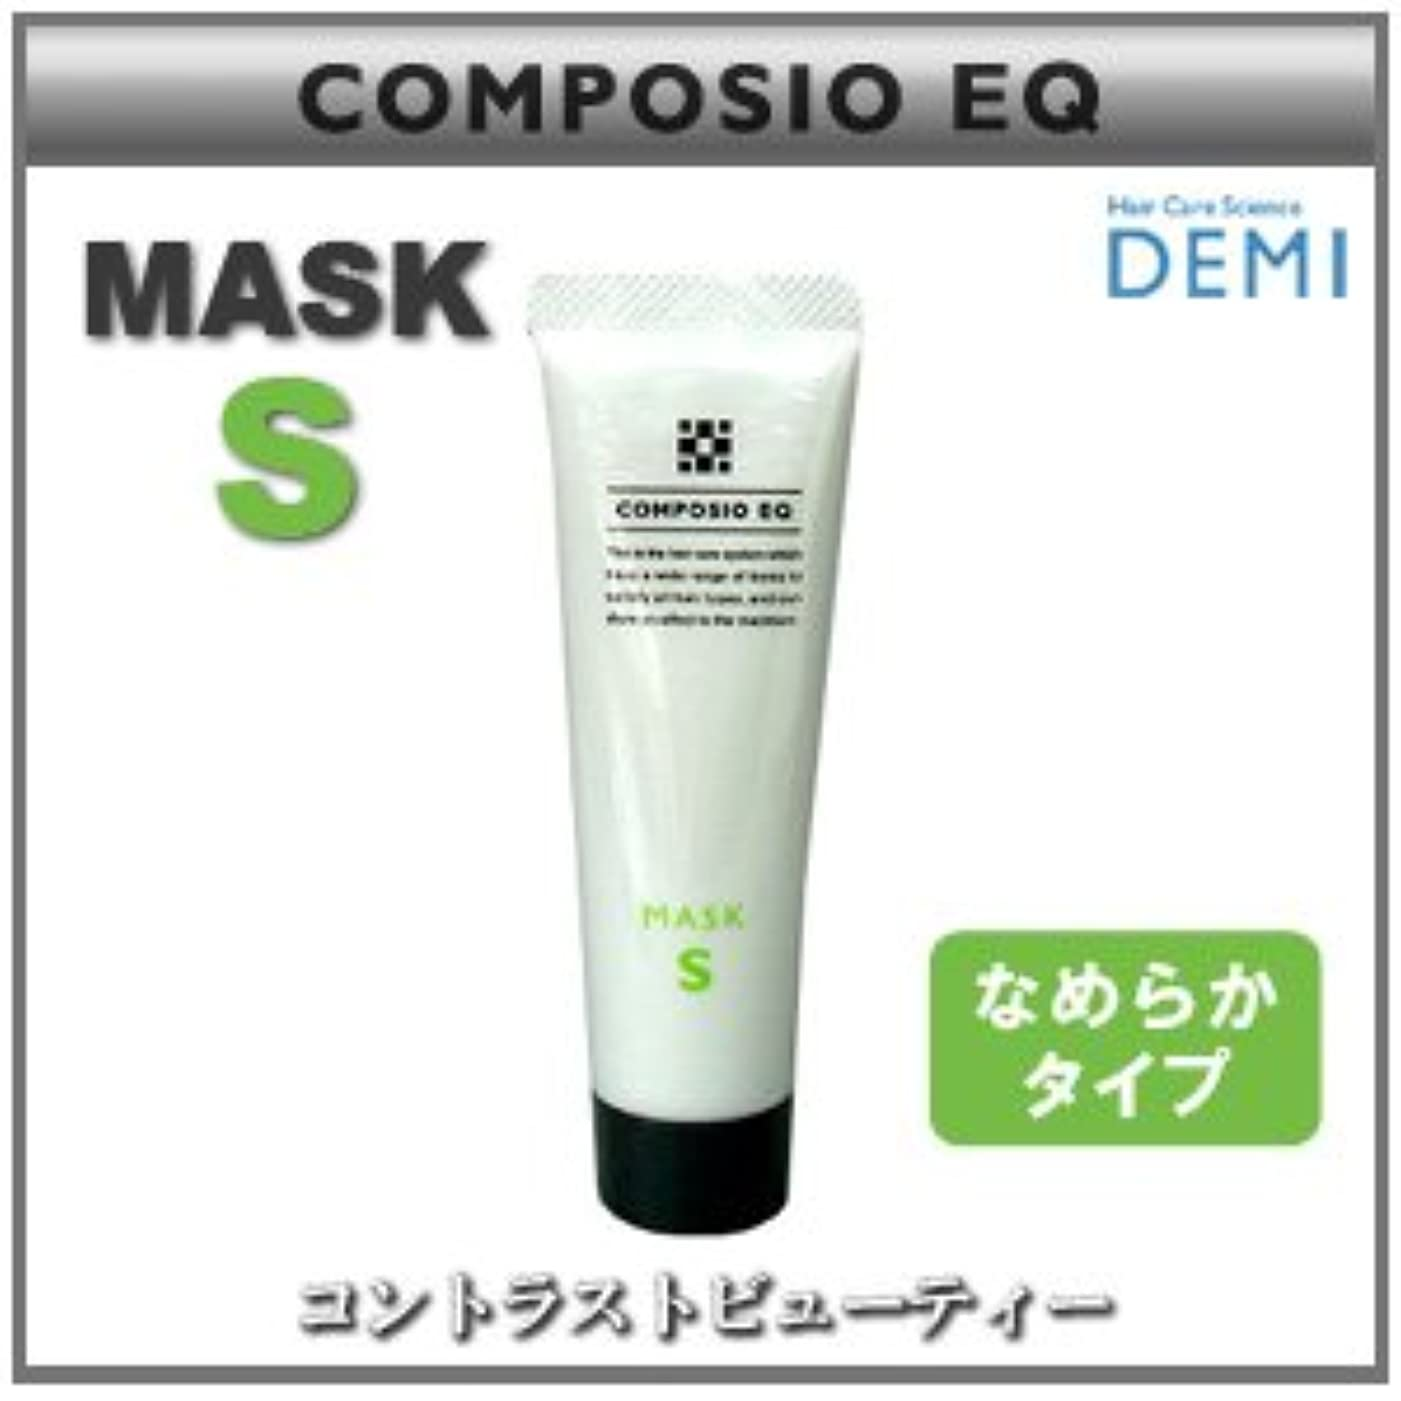 母先入観ためらう【X3個セット】 デミ コンポジオ EQ マスク S 50g